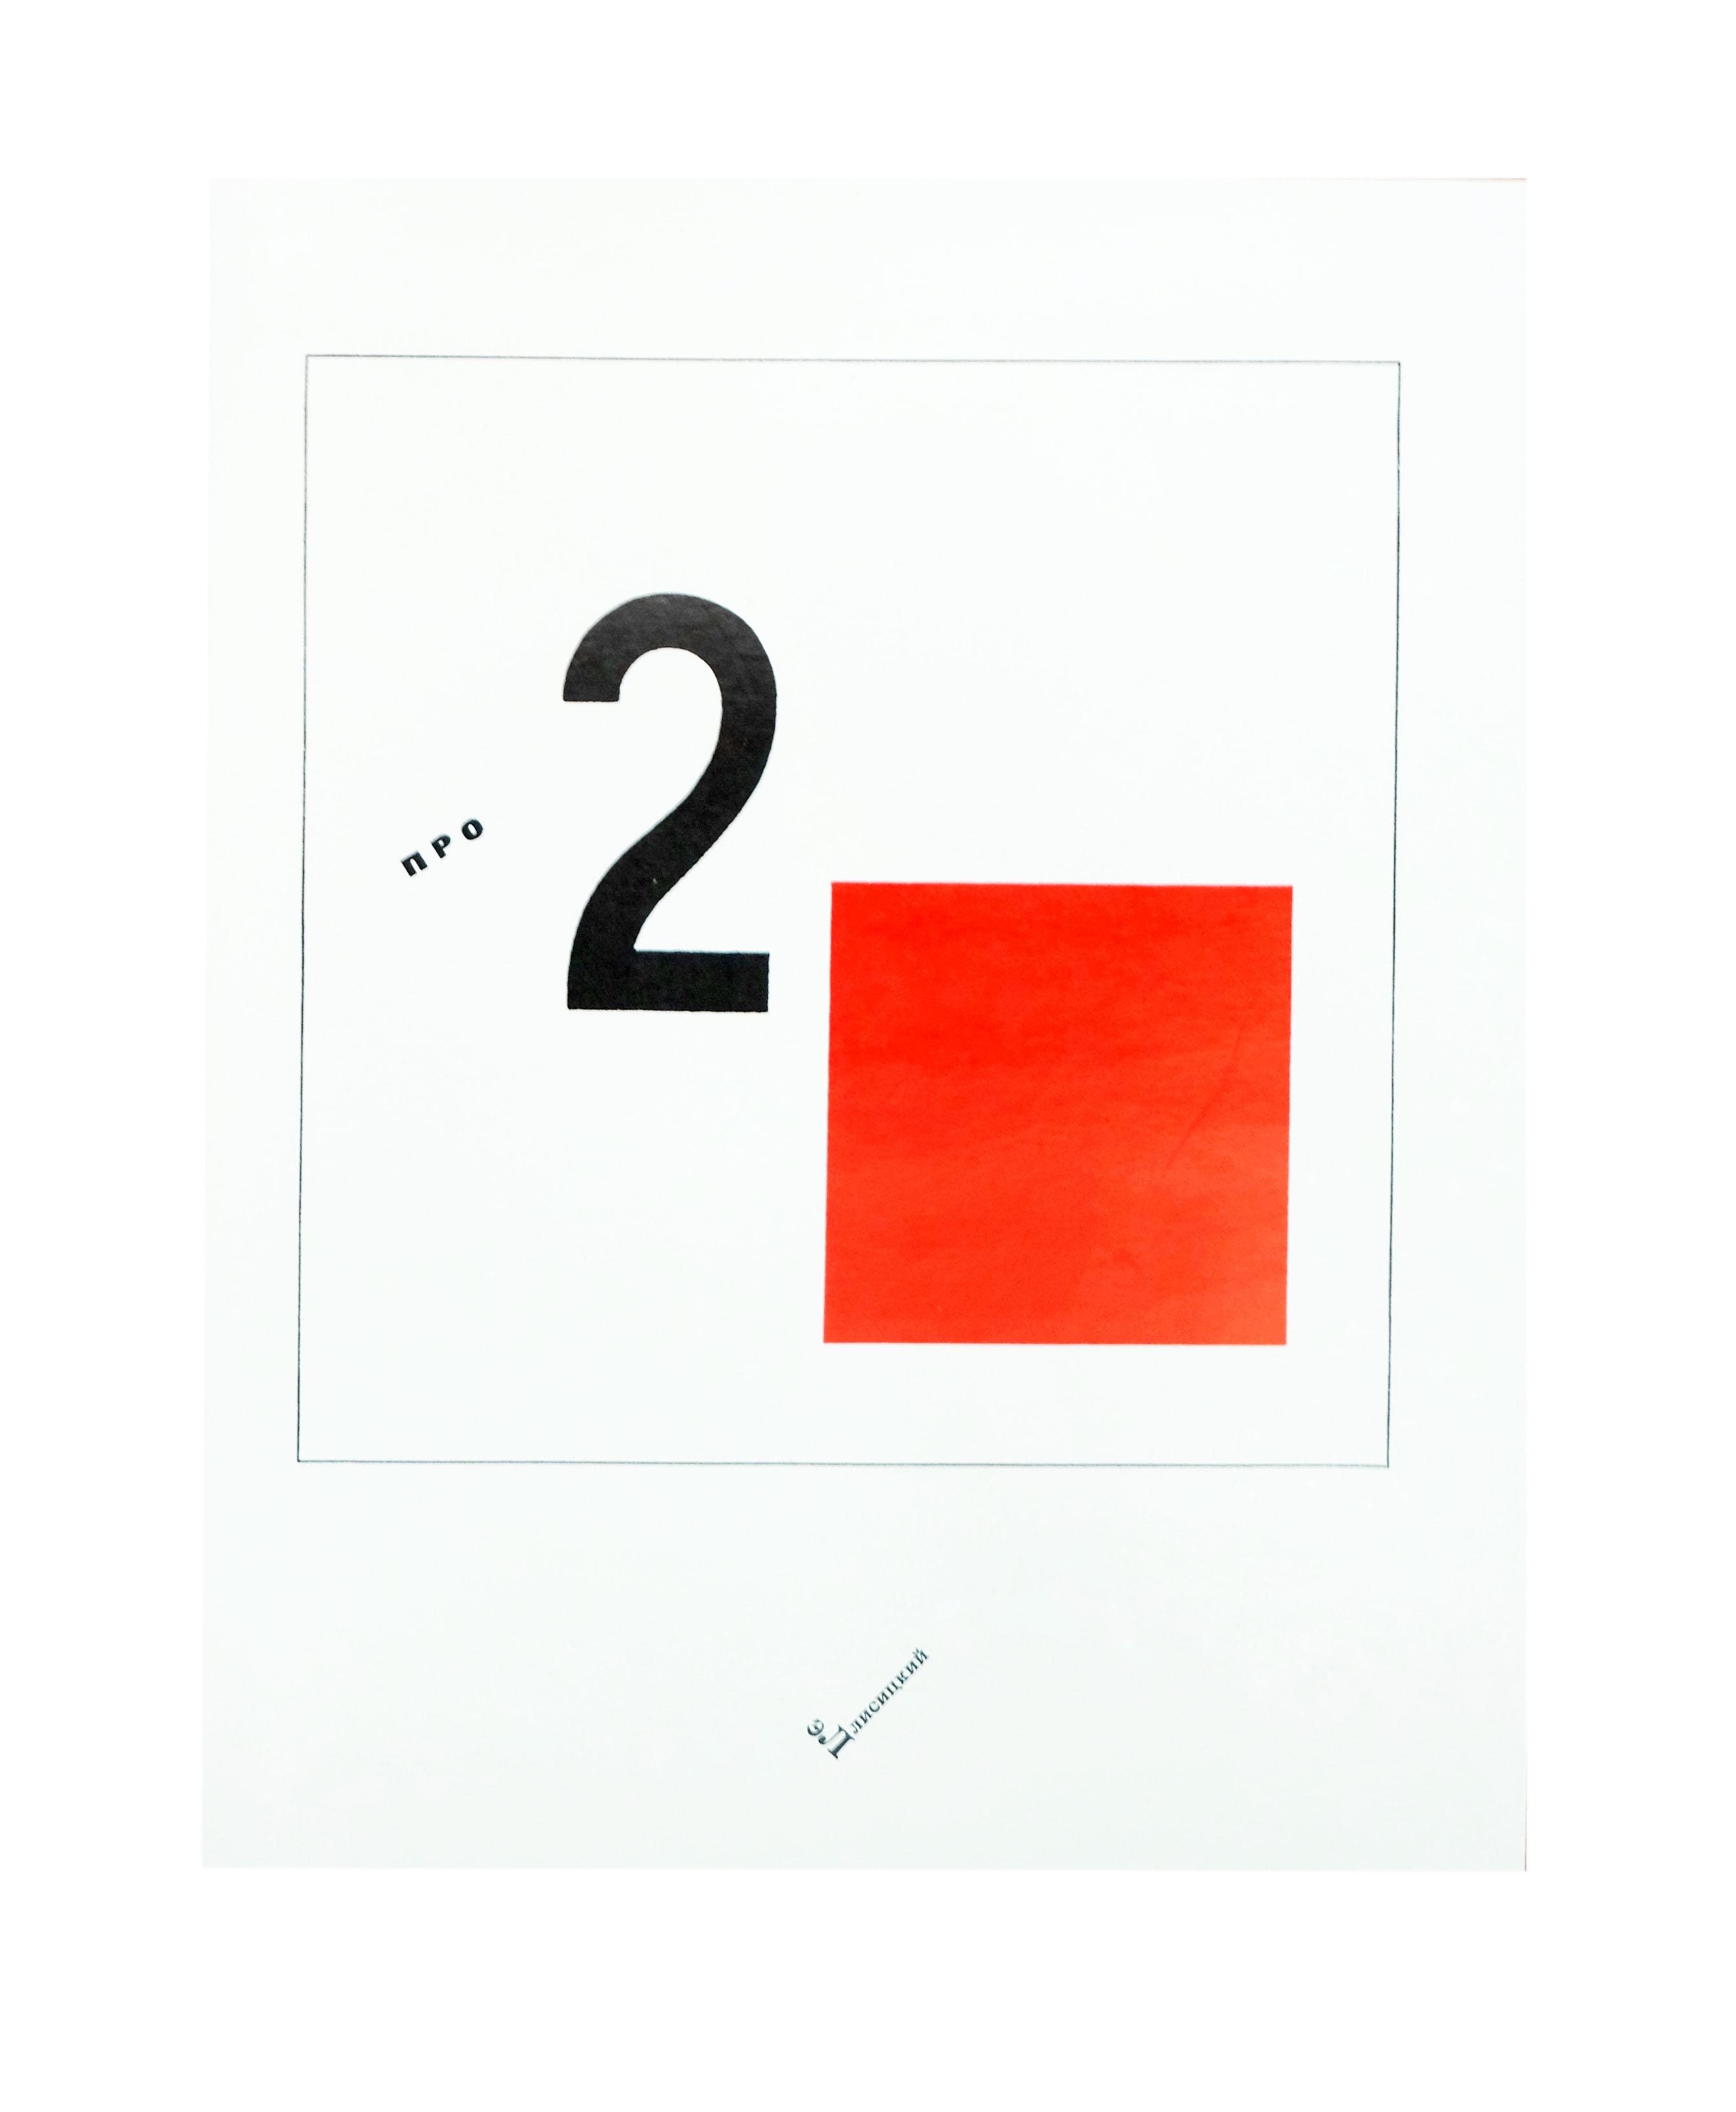 12473.JPG